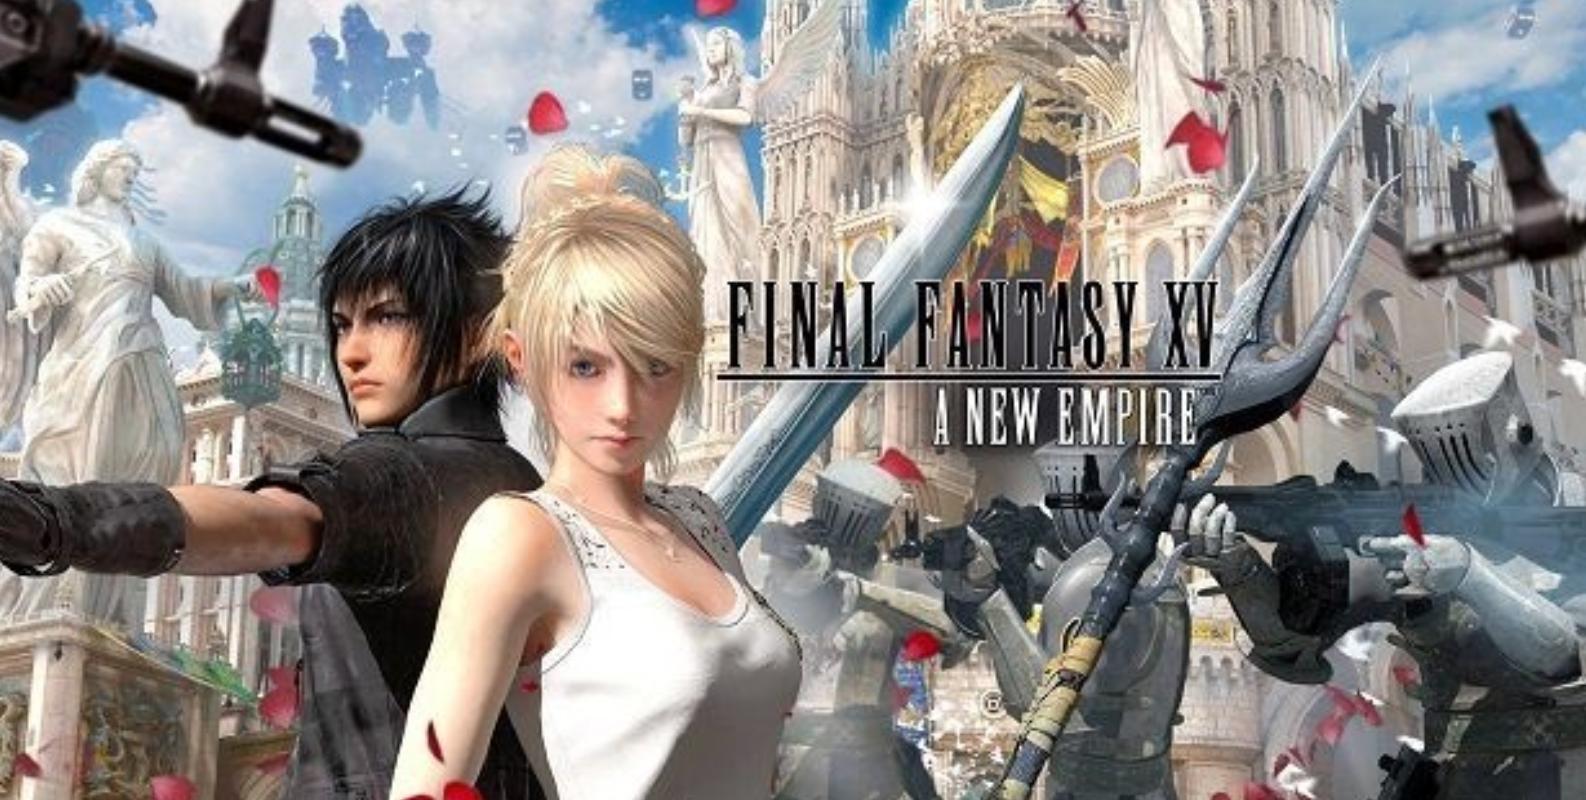 「ファイナルファンタジーXV: 新たなる王国」の画像検索結果